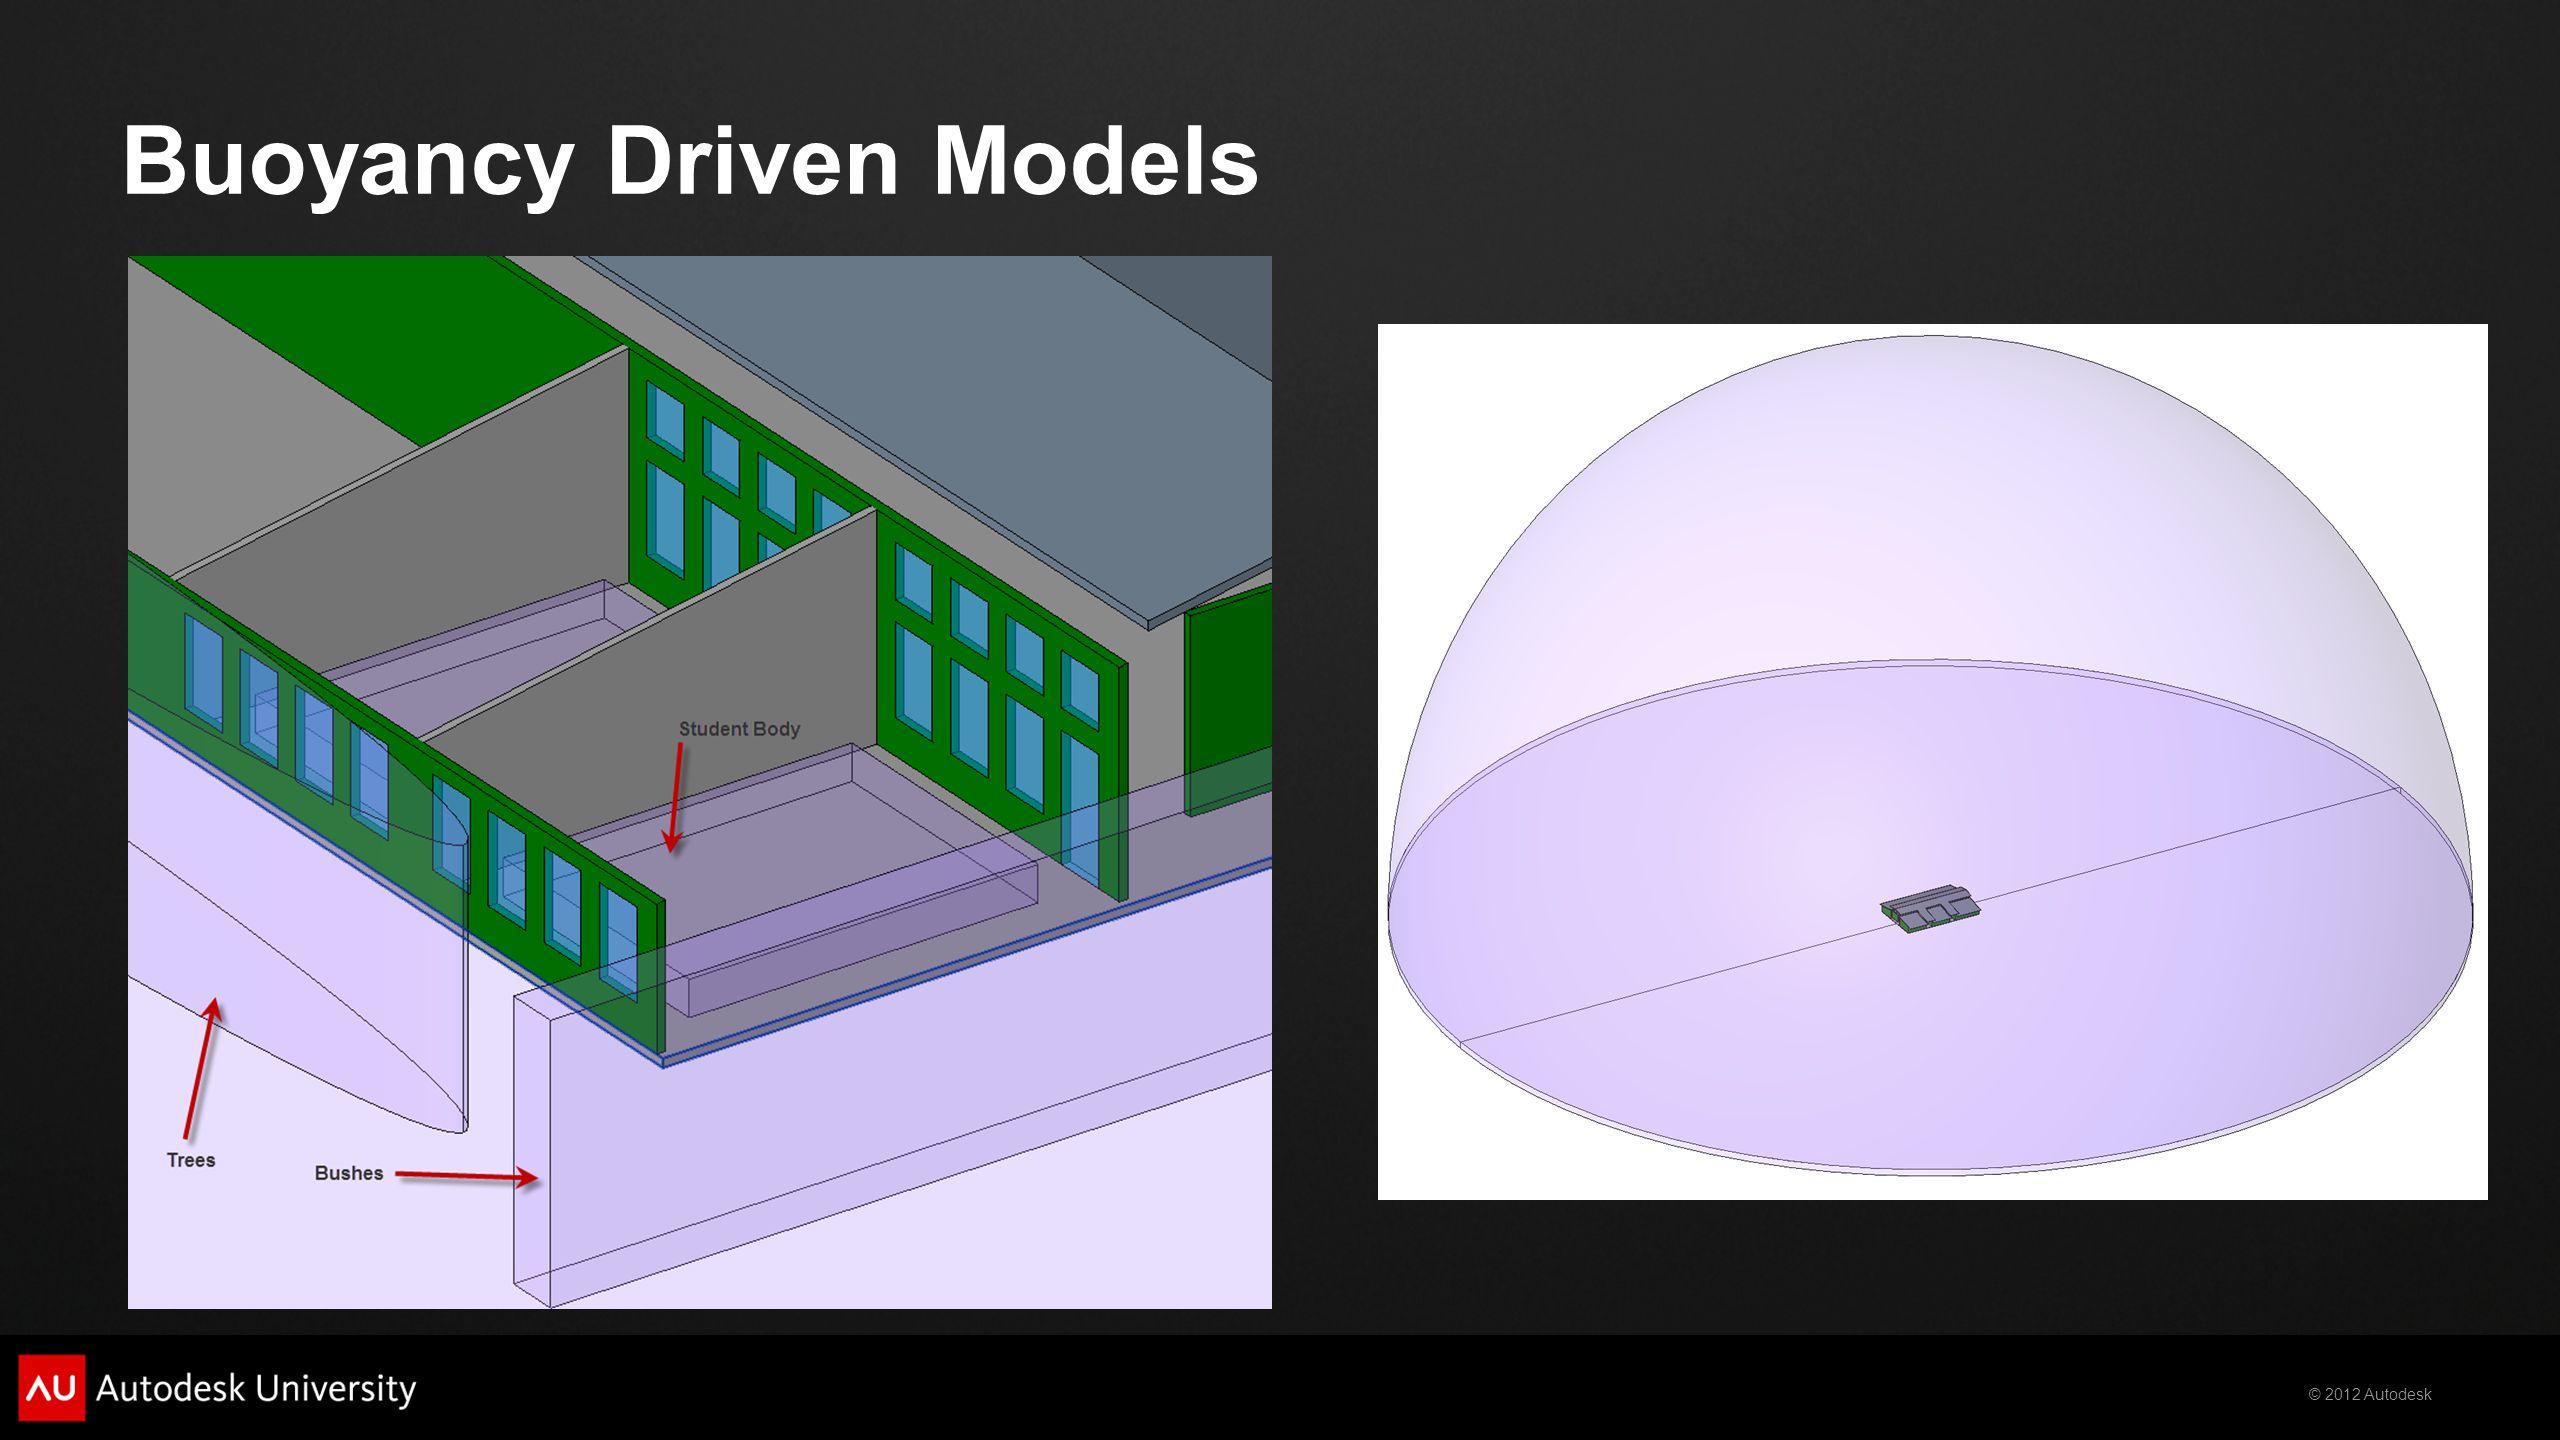 Buoyancy Driven Models